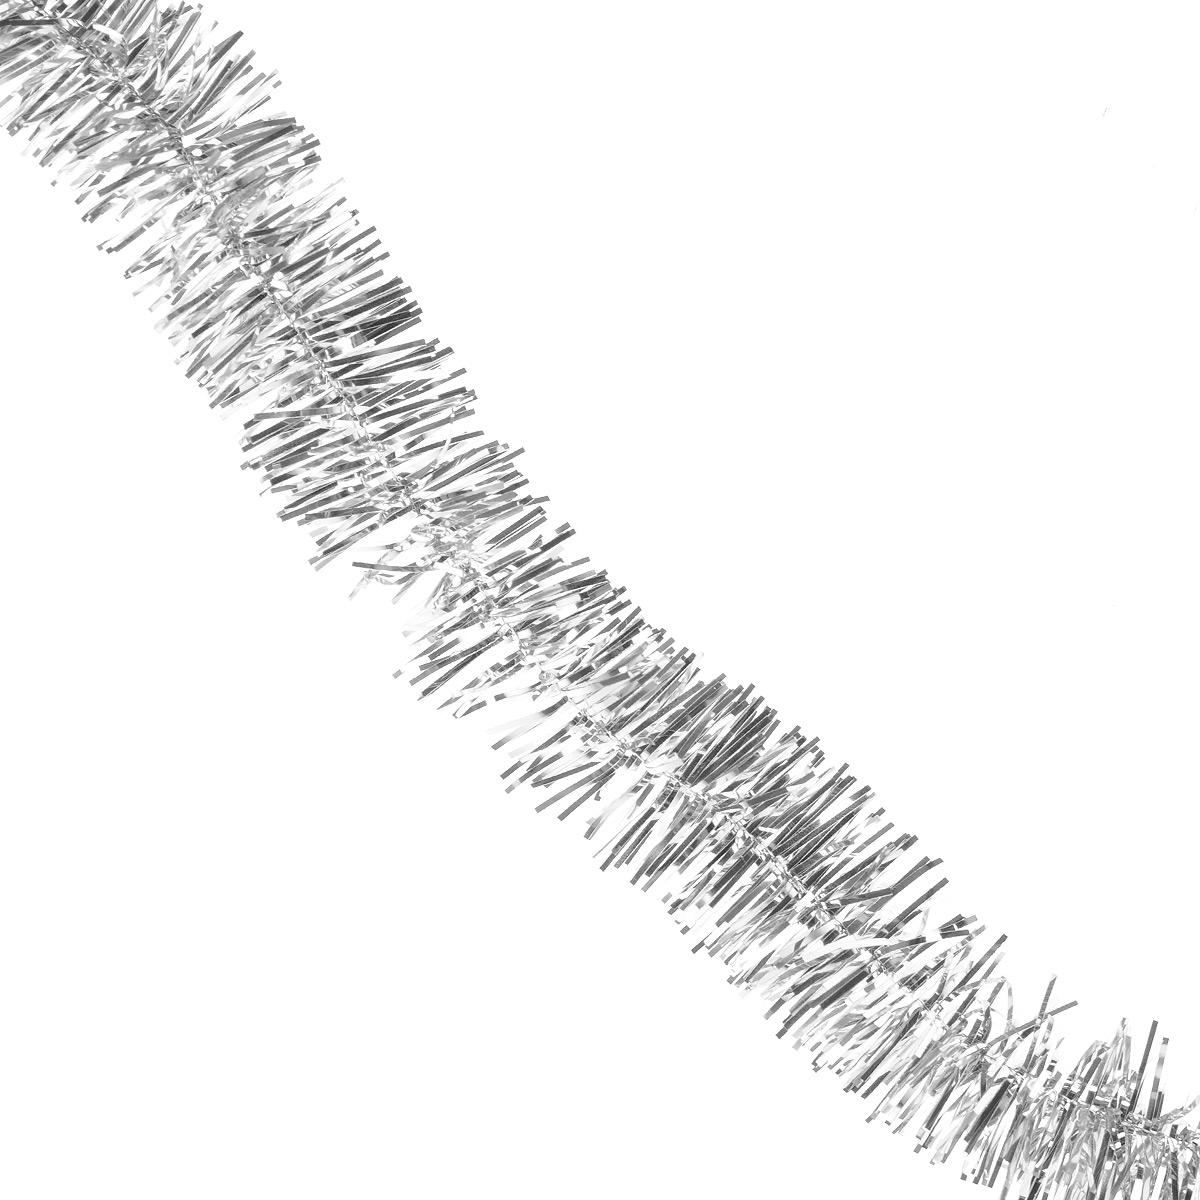 Мишура новогодняя Sima-land, цвет: серебристый, диаметр 1,5 см, длина 1,3 м. 701303701303Мишура новогодняя Sima-land, выполненная из фольги, поможет вам украсить свой дом к предстоящим праздникам. Мишура армирована, то есть имеет проволоку внутри и способна сохранять приданную ей форму.Новогодняя елка с таким украшением станет еще наряднее. Новогодней мишурой можно украсить все, что угодно - елку, квартиру, дачу, офис - как внутри, так и снаружи. Можно сложить новогодние поздравления, буквы и цифры, мишурой можно украсить и дополнить гирлянды, можно выделить дверные колонны, оплести дверные проемы. Коллекция декоративных украшений из серии Зимнее волшебство принесет в ваш дом ни с чем несравнимое ощущение праздника! Создайте в своем доме атмосферу тепла, веселья и радости, украшая его всей семьей.